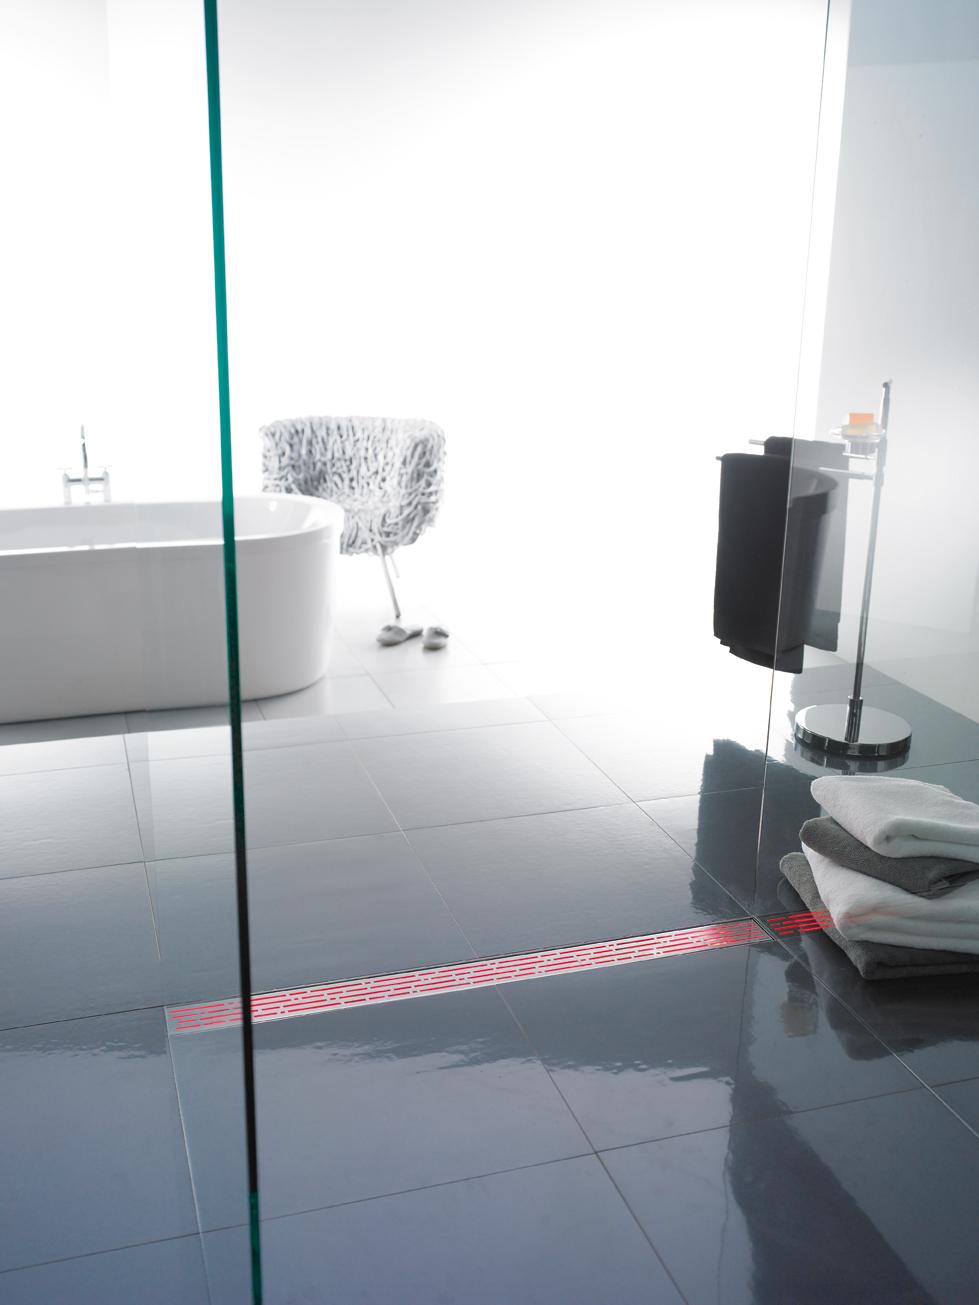 ACO ShowerDrain met Ledverlichting